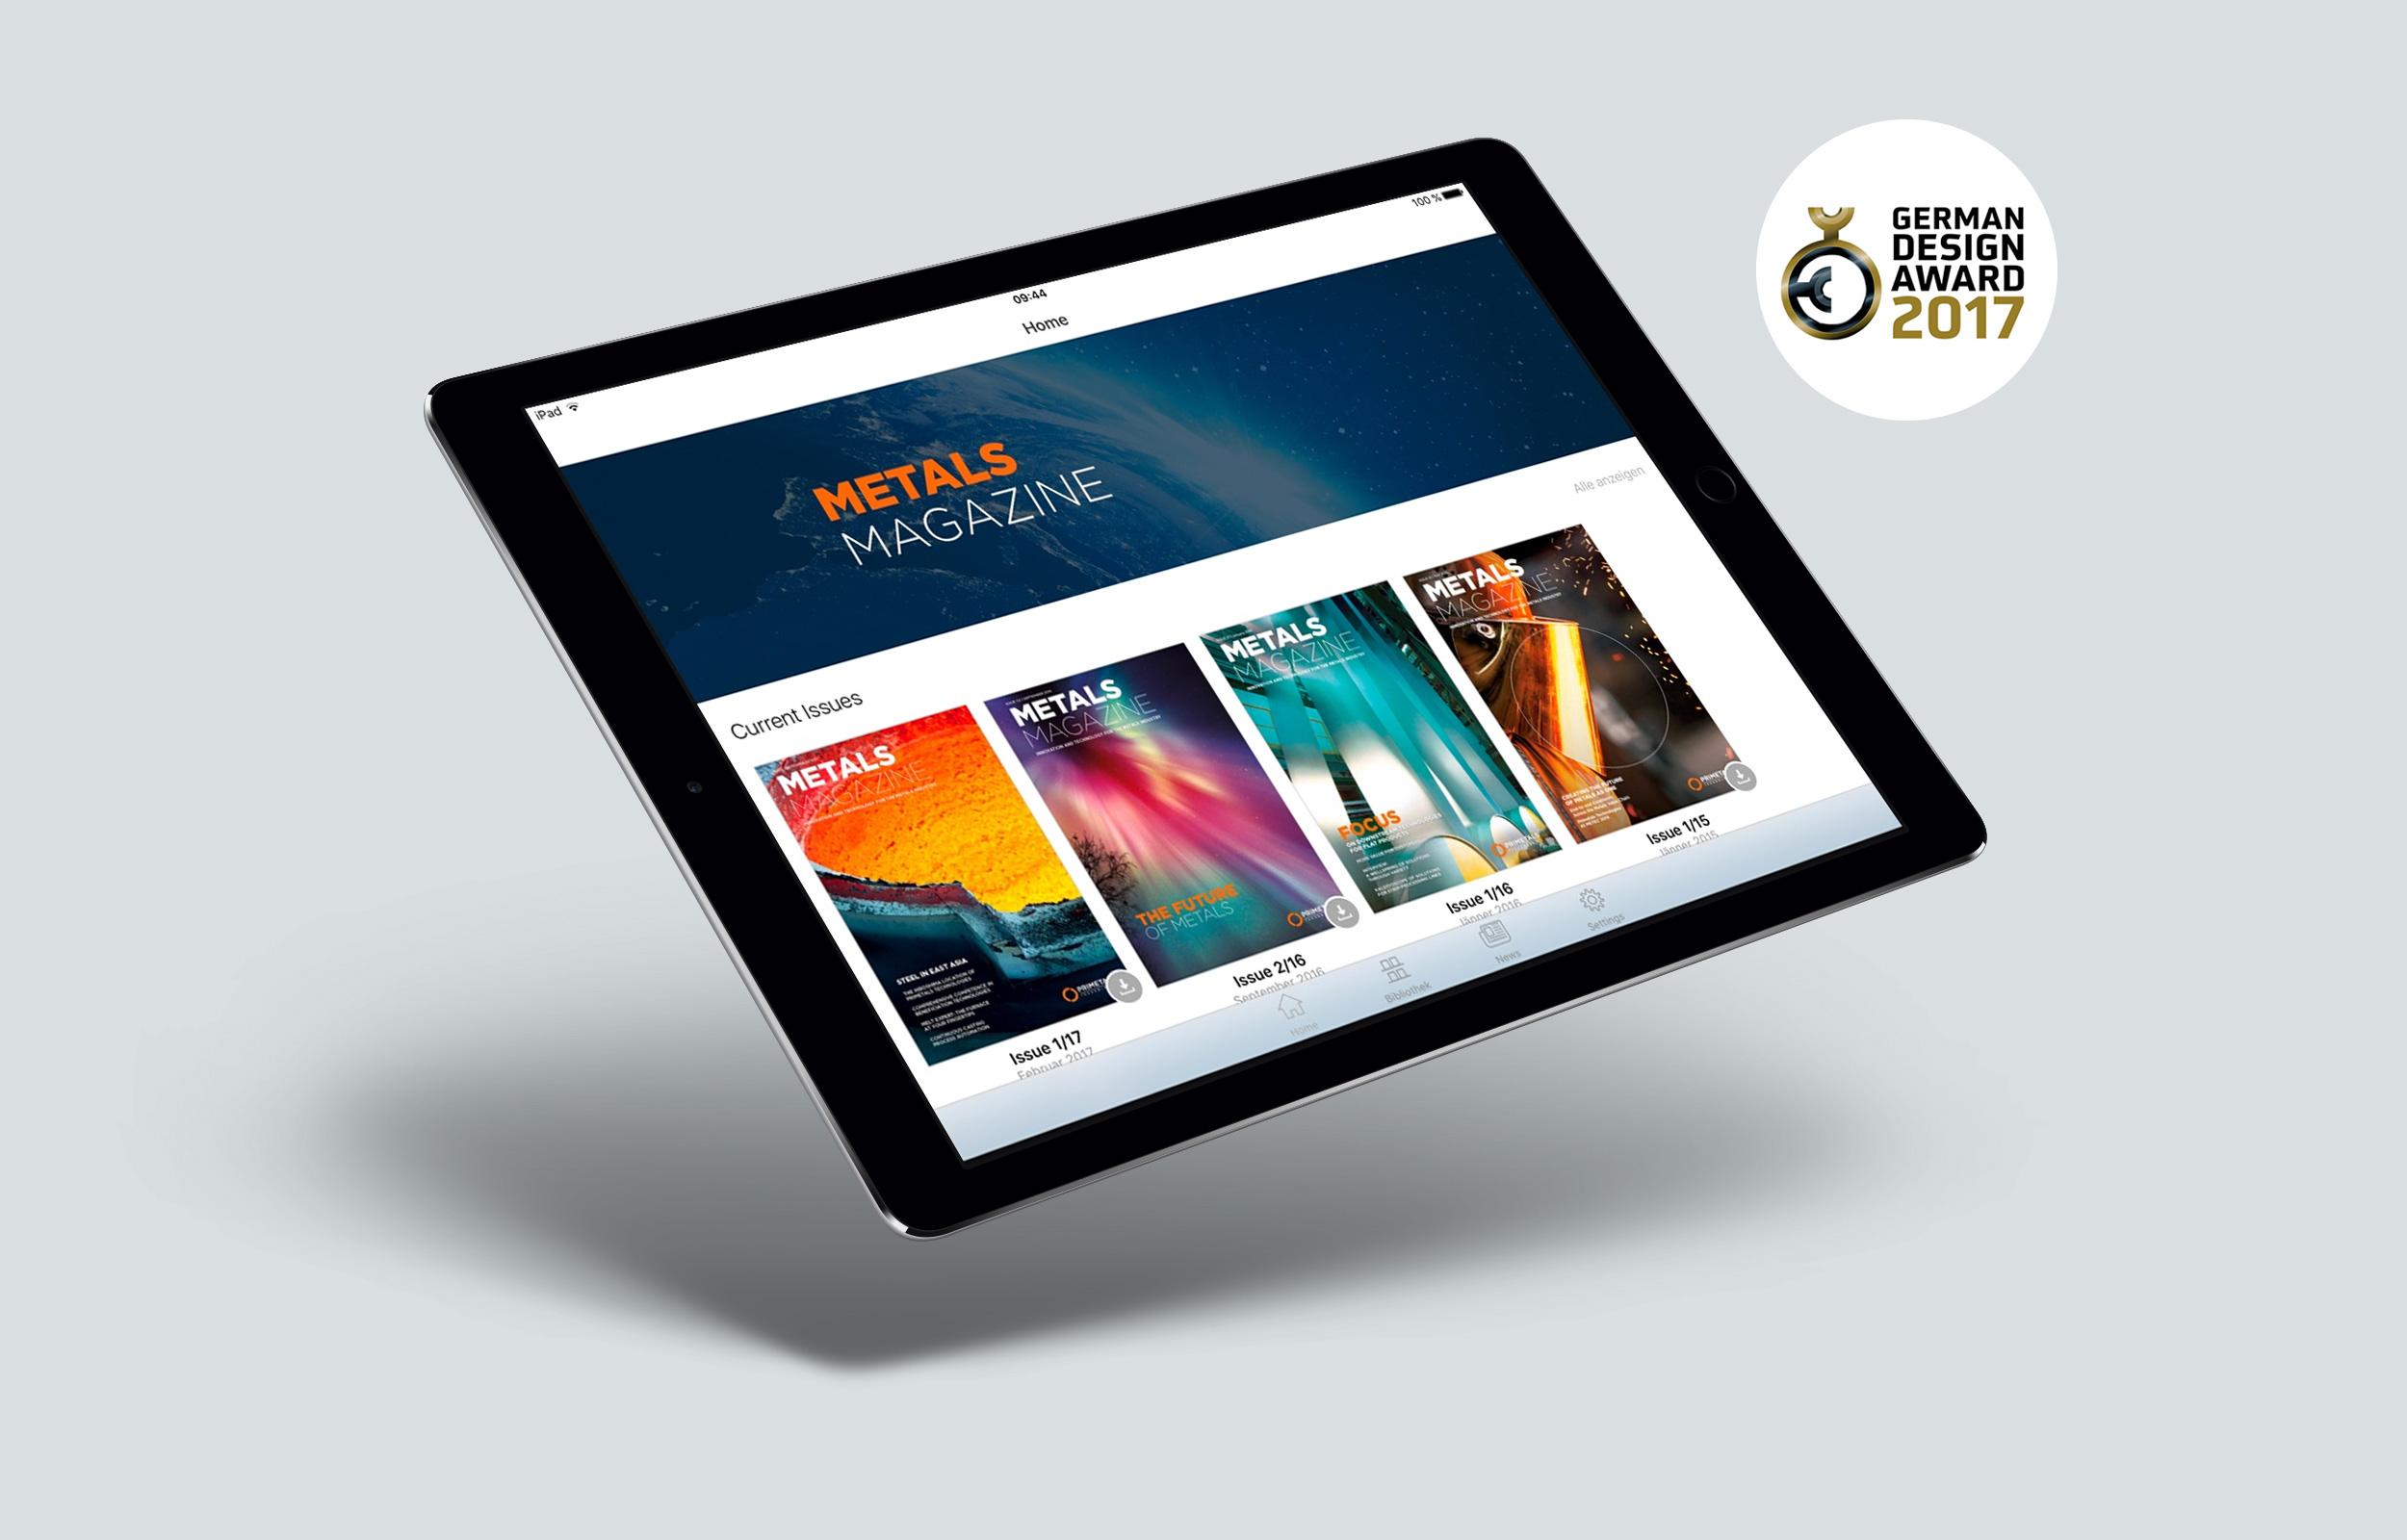 Primetals Metals Technologies iPad award